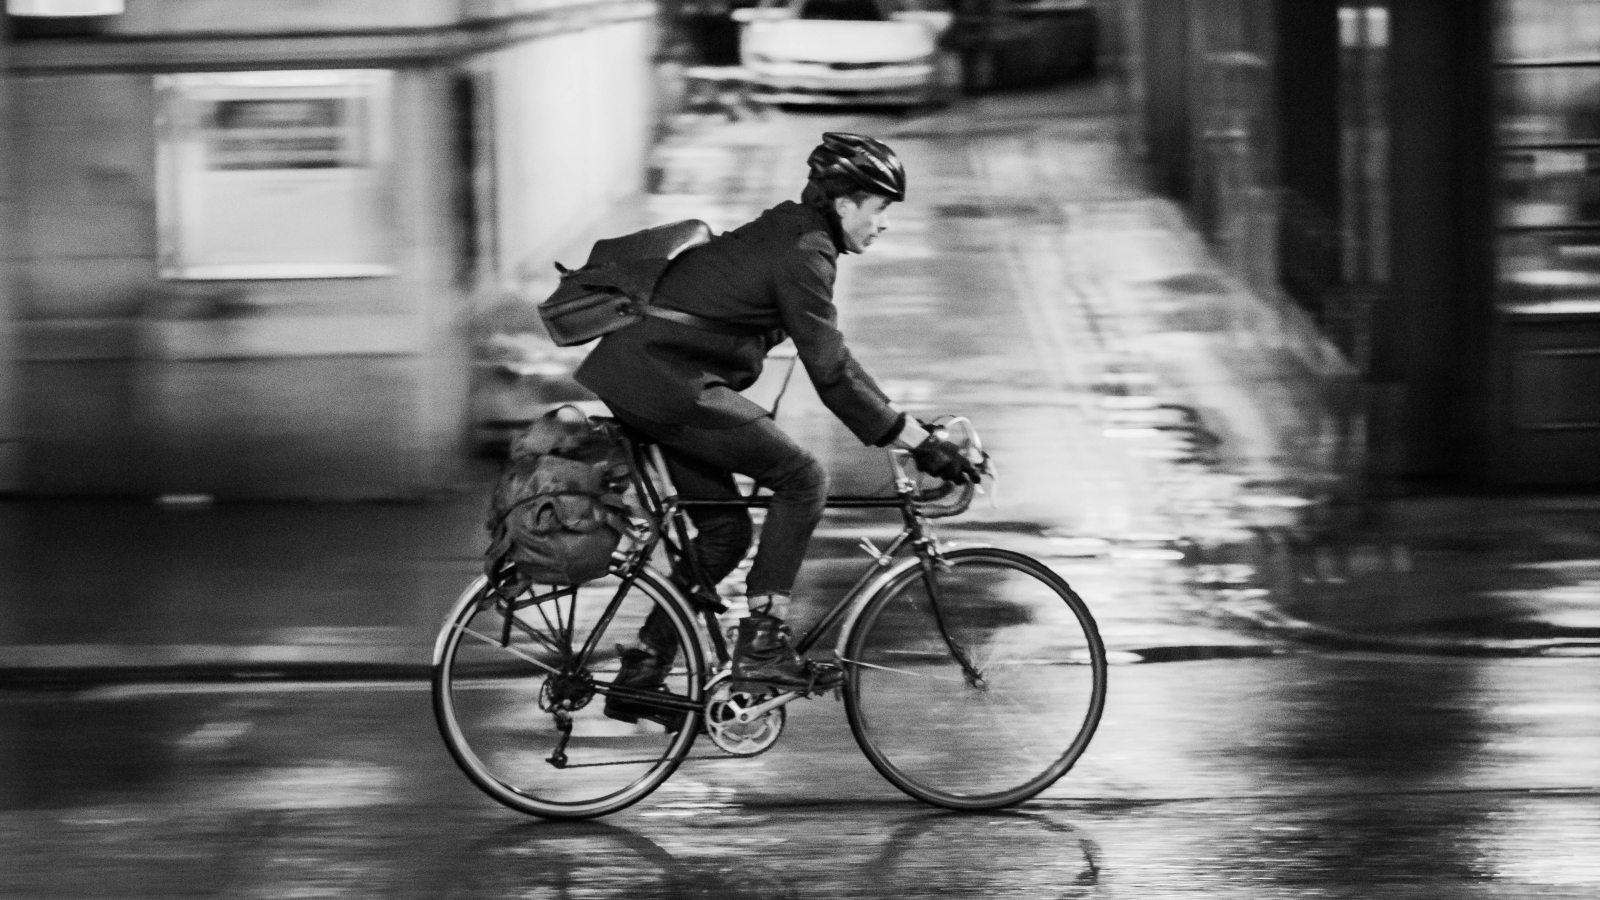 cycling through london